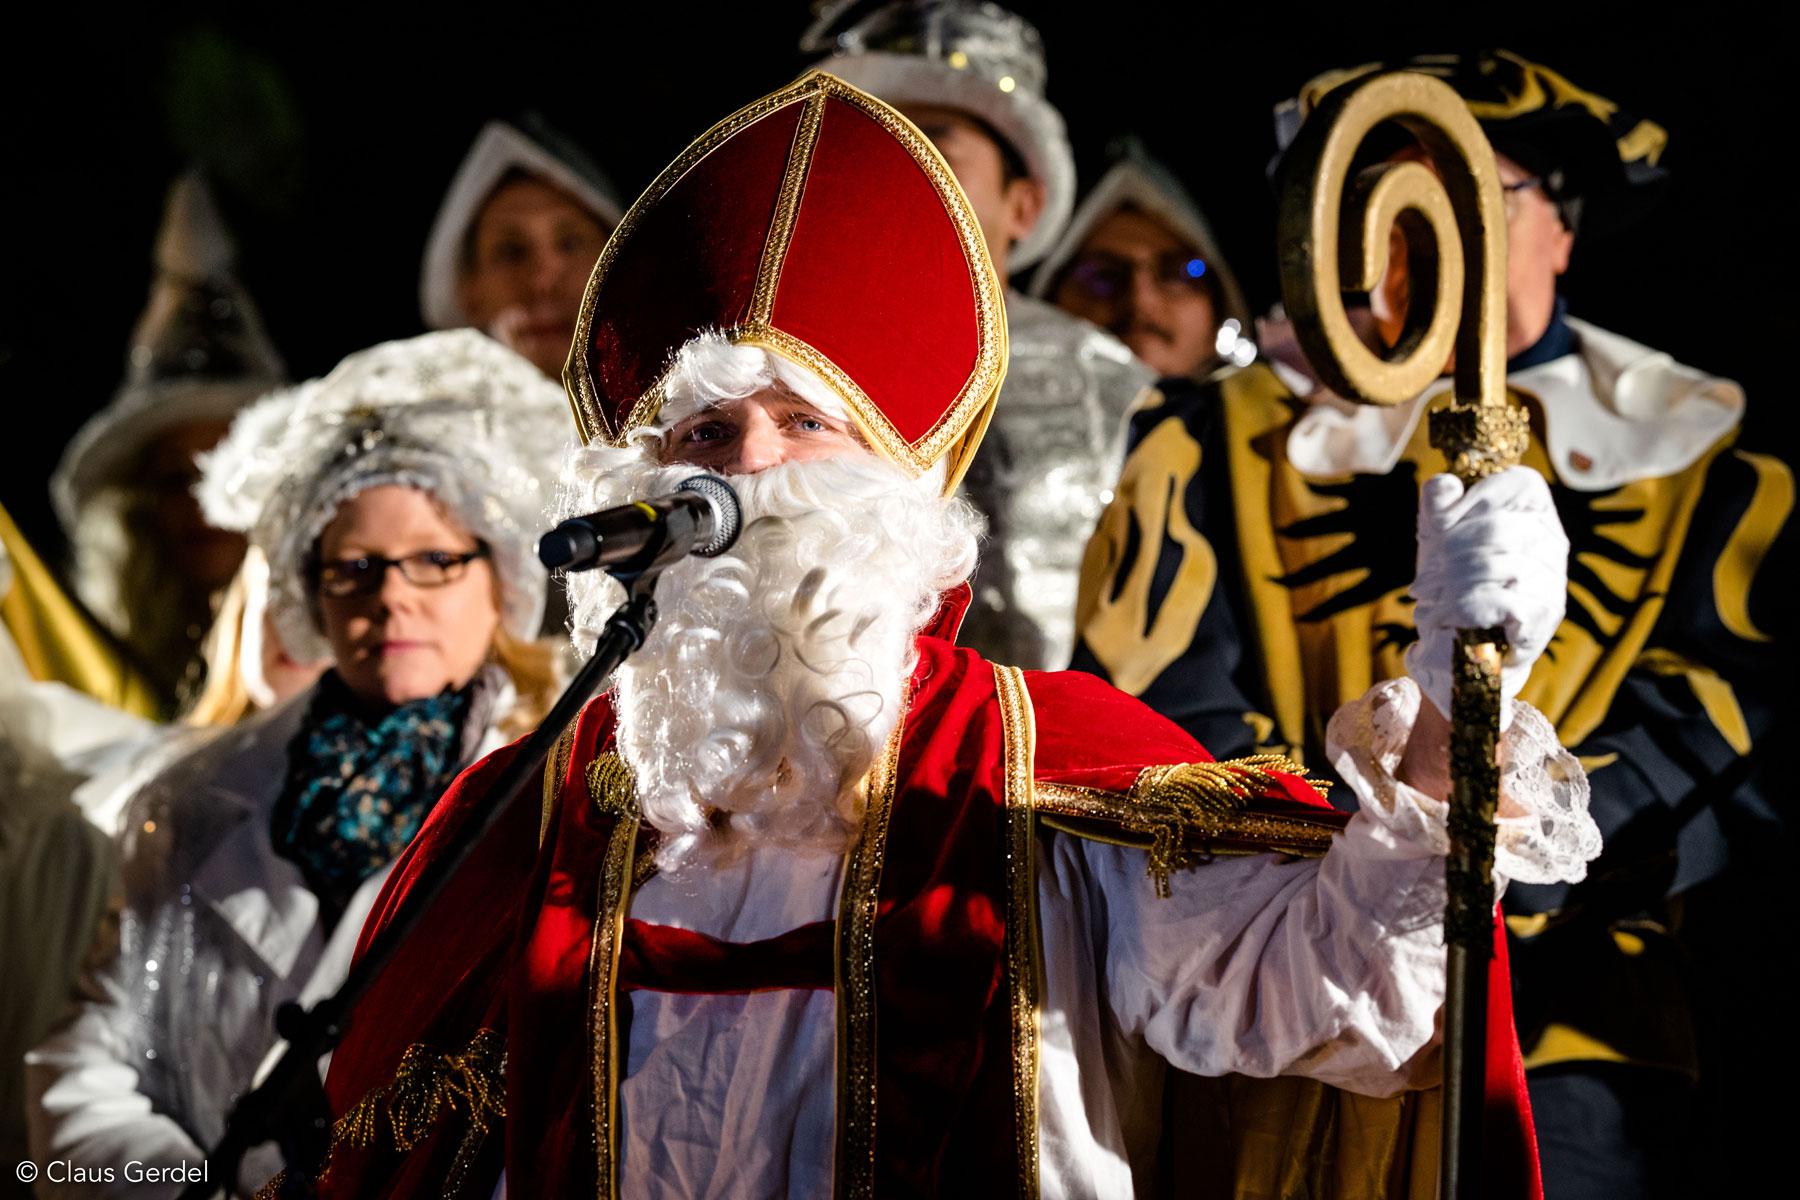 Nachbetrachtung – Nikolaus-Ankunft in Lünen – Impressionen (7.12.2019)